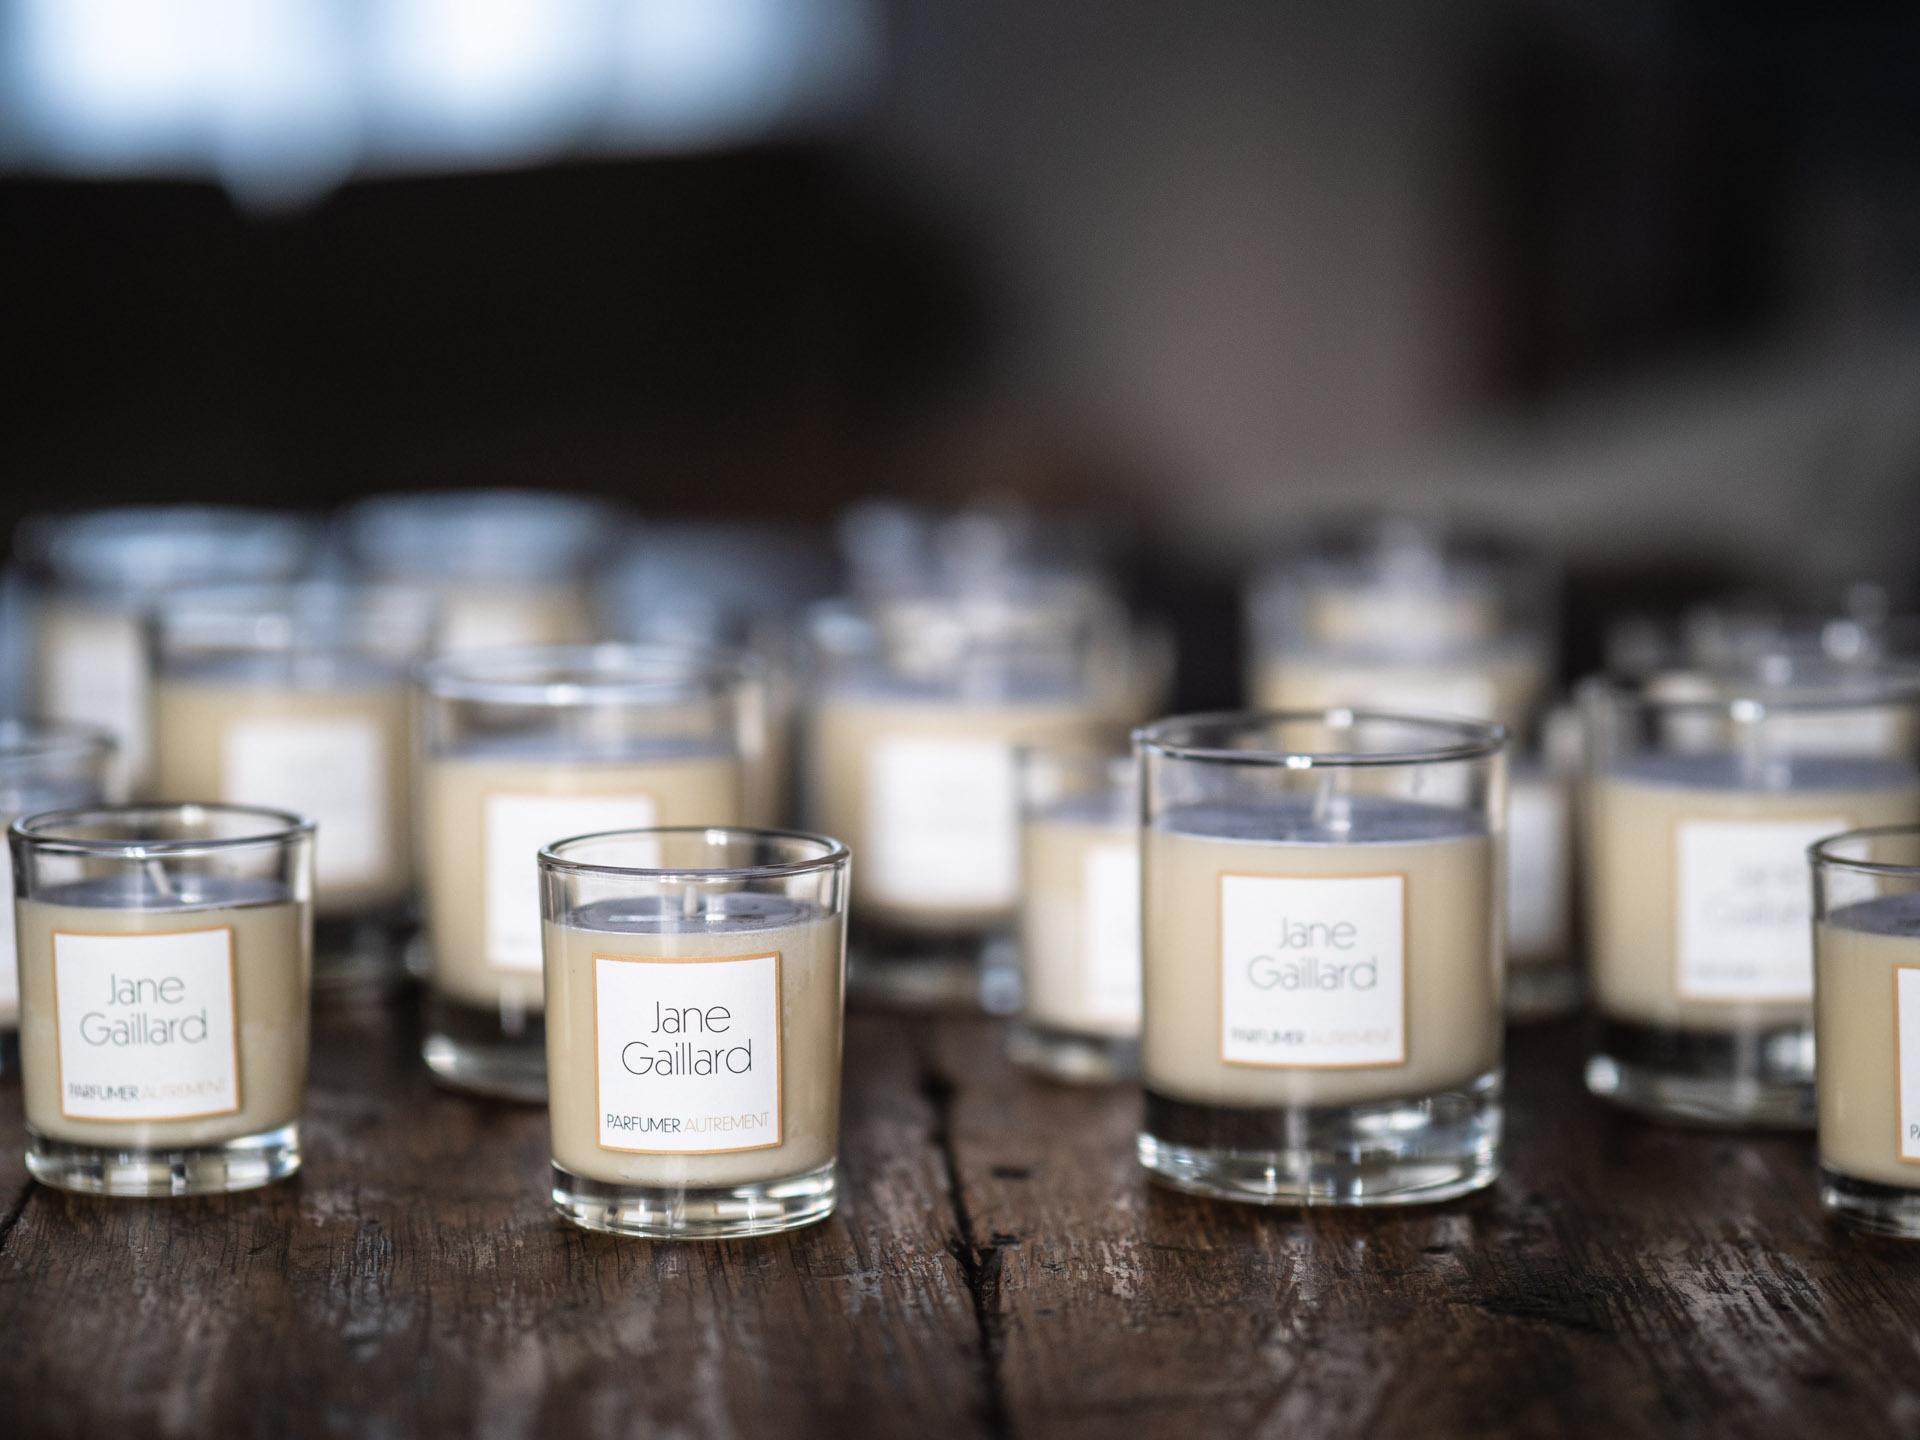 Photos de produits - Bougies naturelles fabriquées à Tours par Jane Gaillard